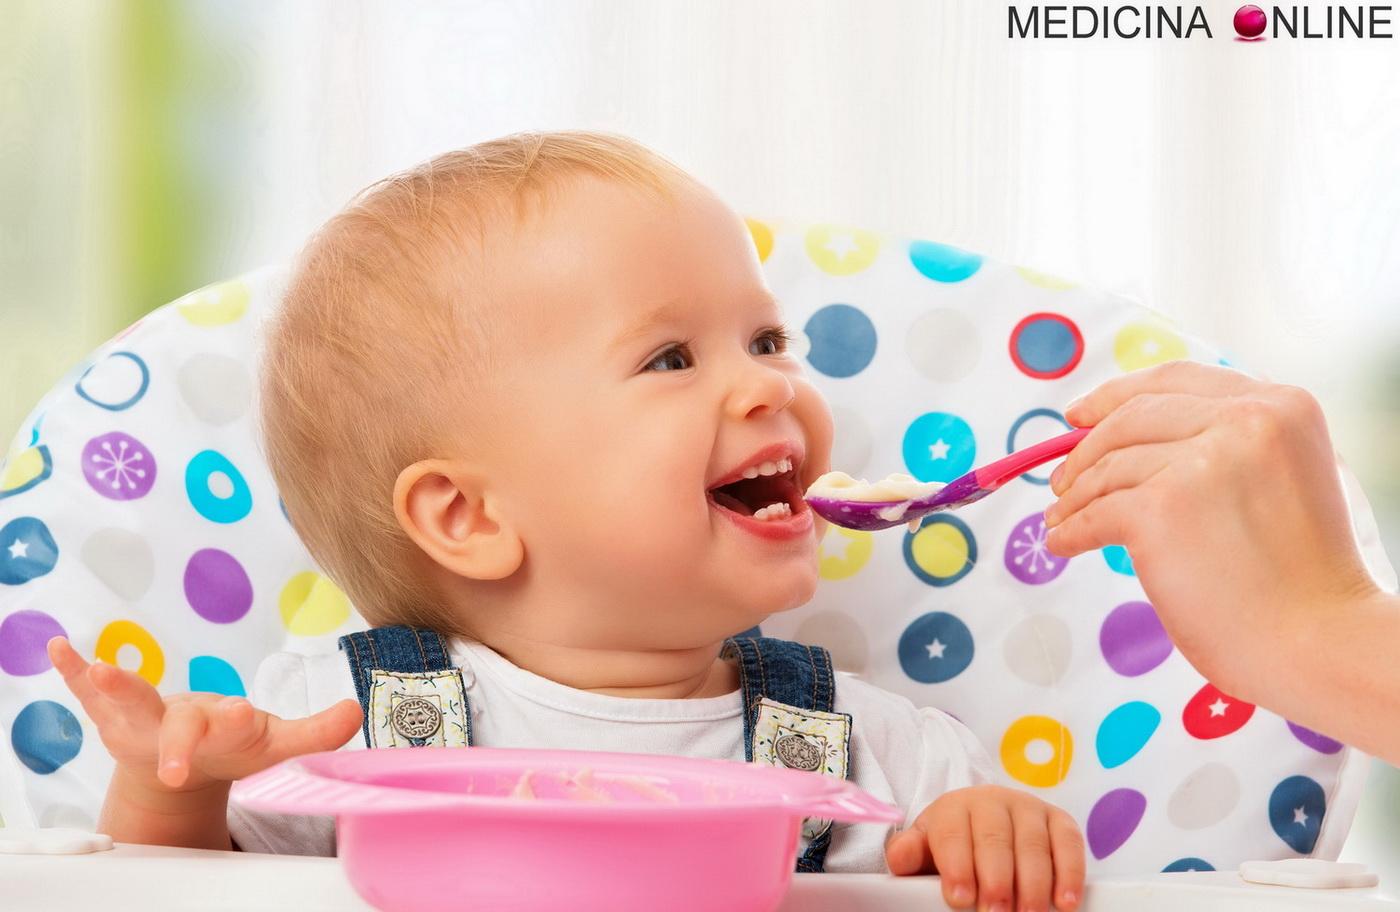 Quando Inizia A Gattonare Neonato quando il bambino inizia a mangiare da solo autonomamente